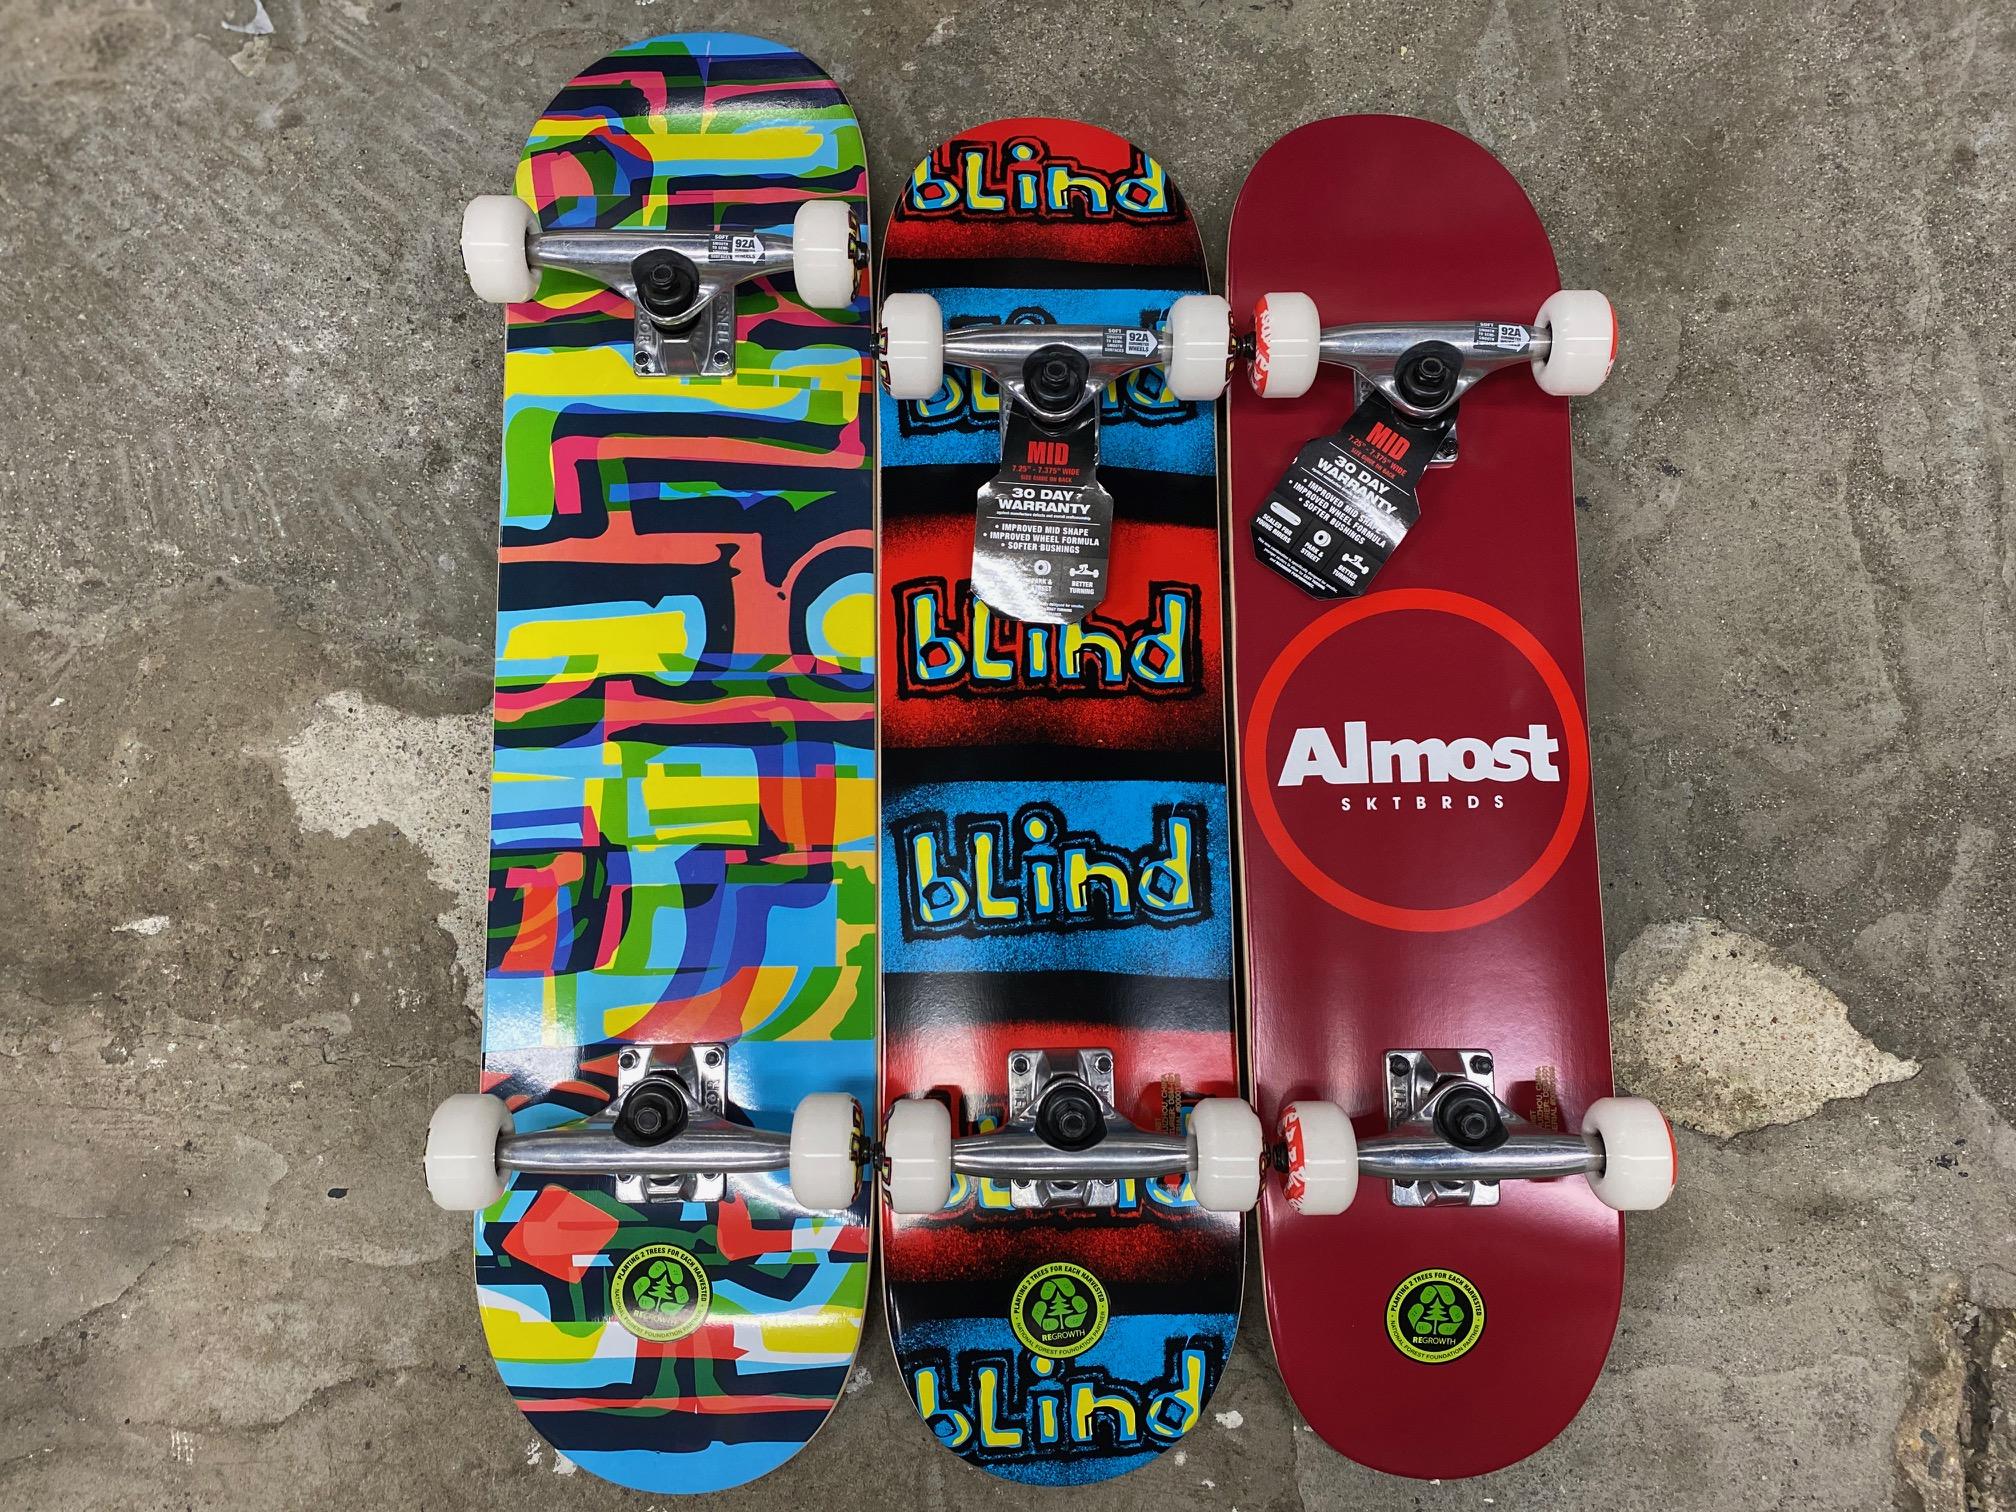 スケートアイテム BLINDコンプリート、ALMOSTコンプリート入荷しました!!